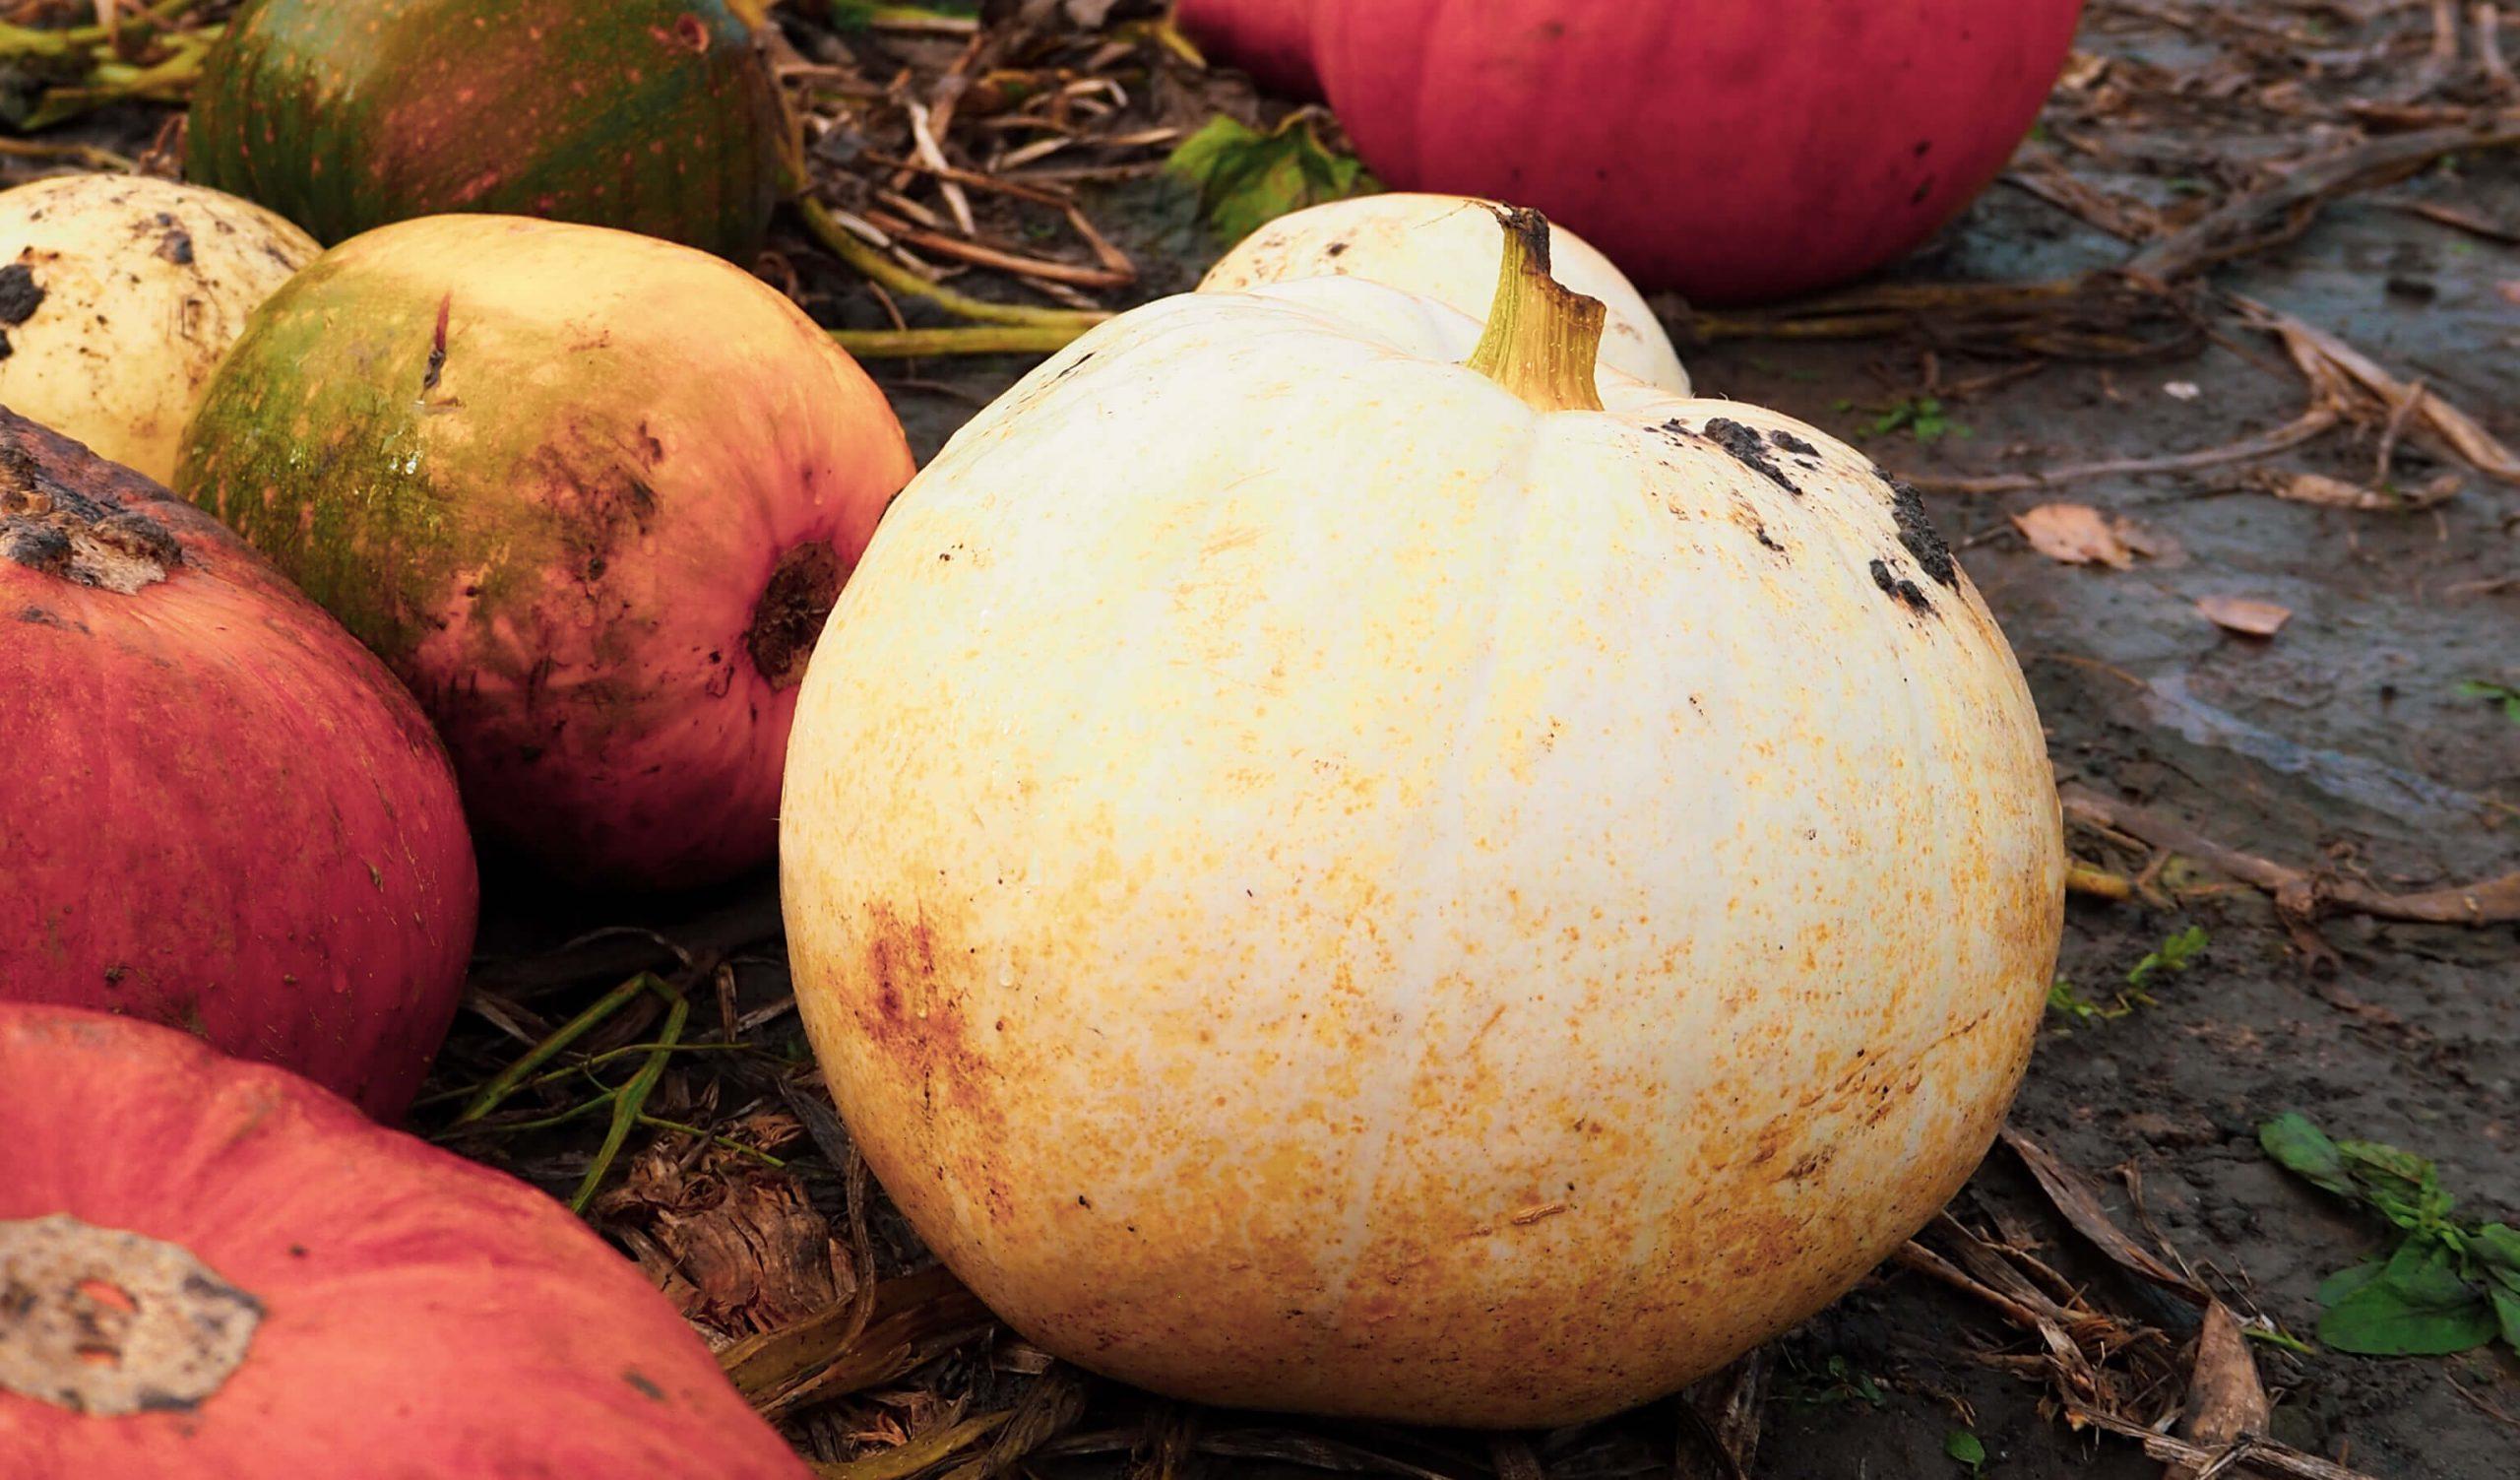 Autumn baking: Pumpkins